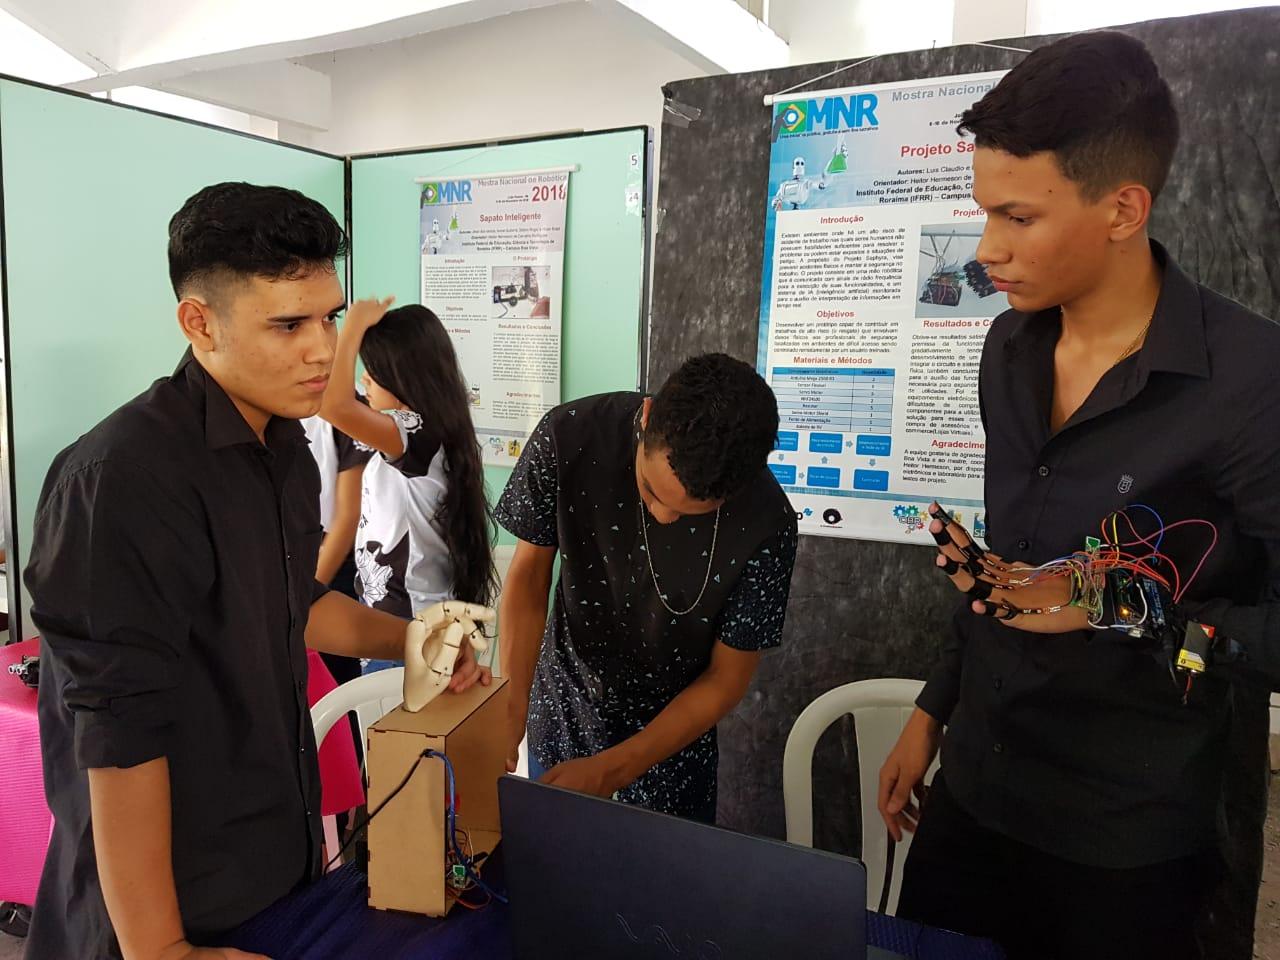 Expo Mead – 25 projetos baseados na tecnologia social são apresentados no evento